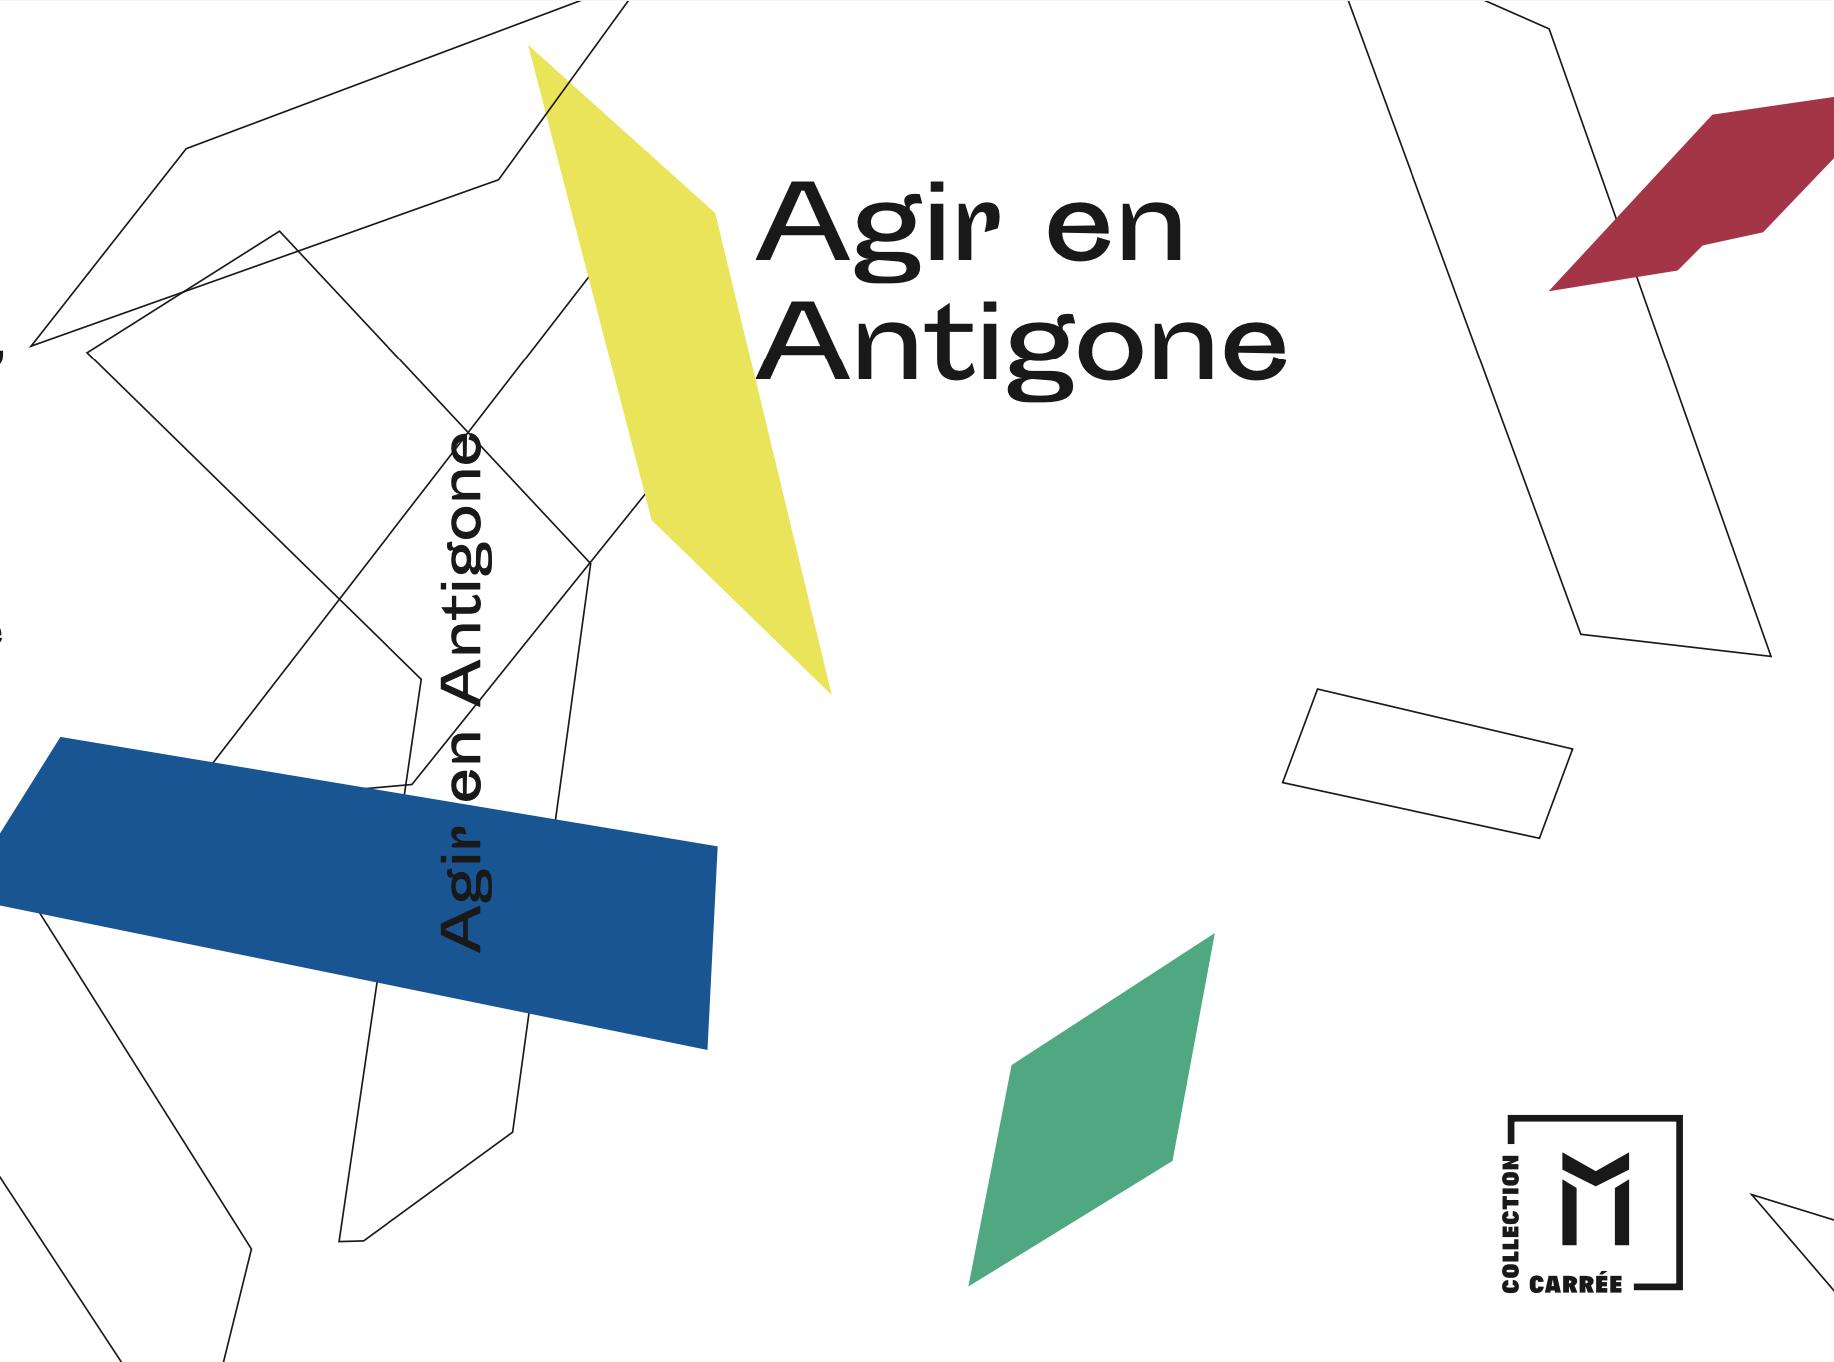 Agir en Antigone